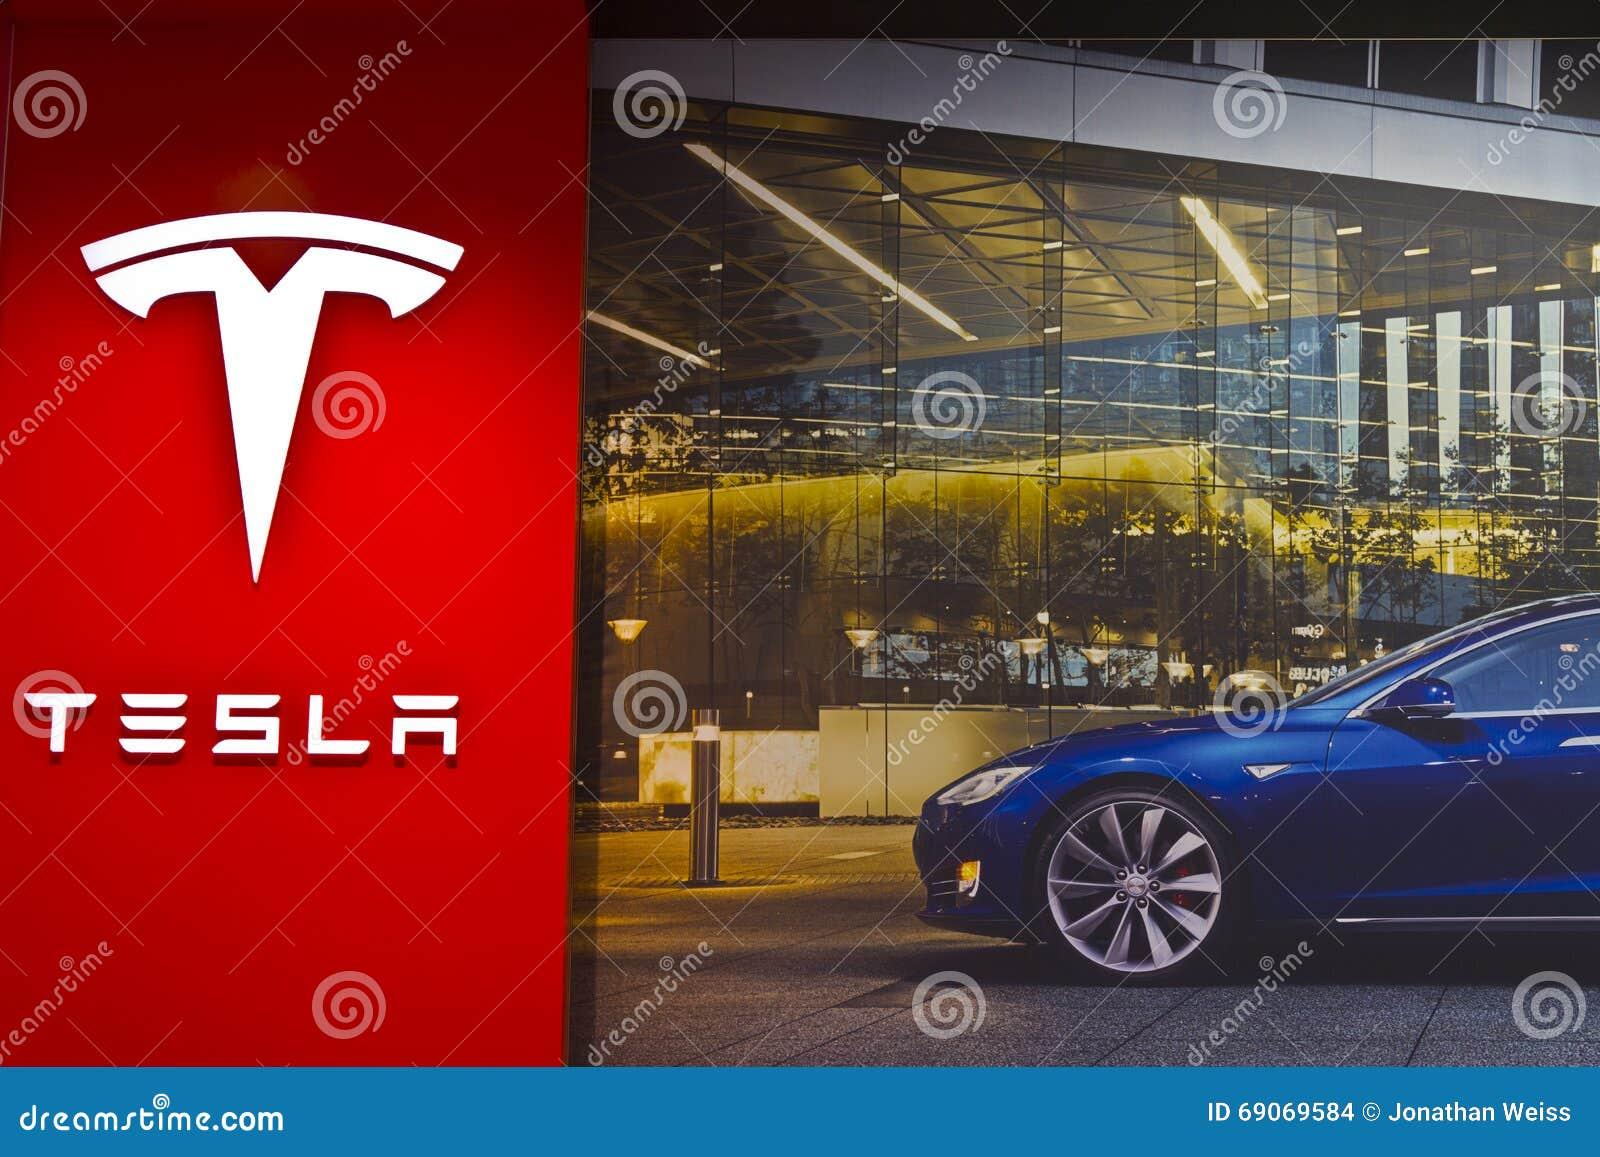 Indianapolis - Circa March 2016: Tesla Motors Store III